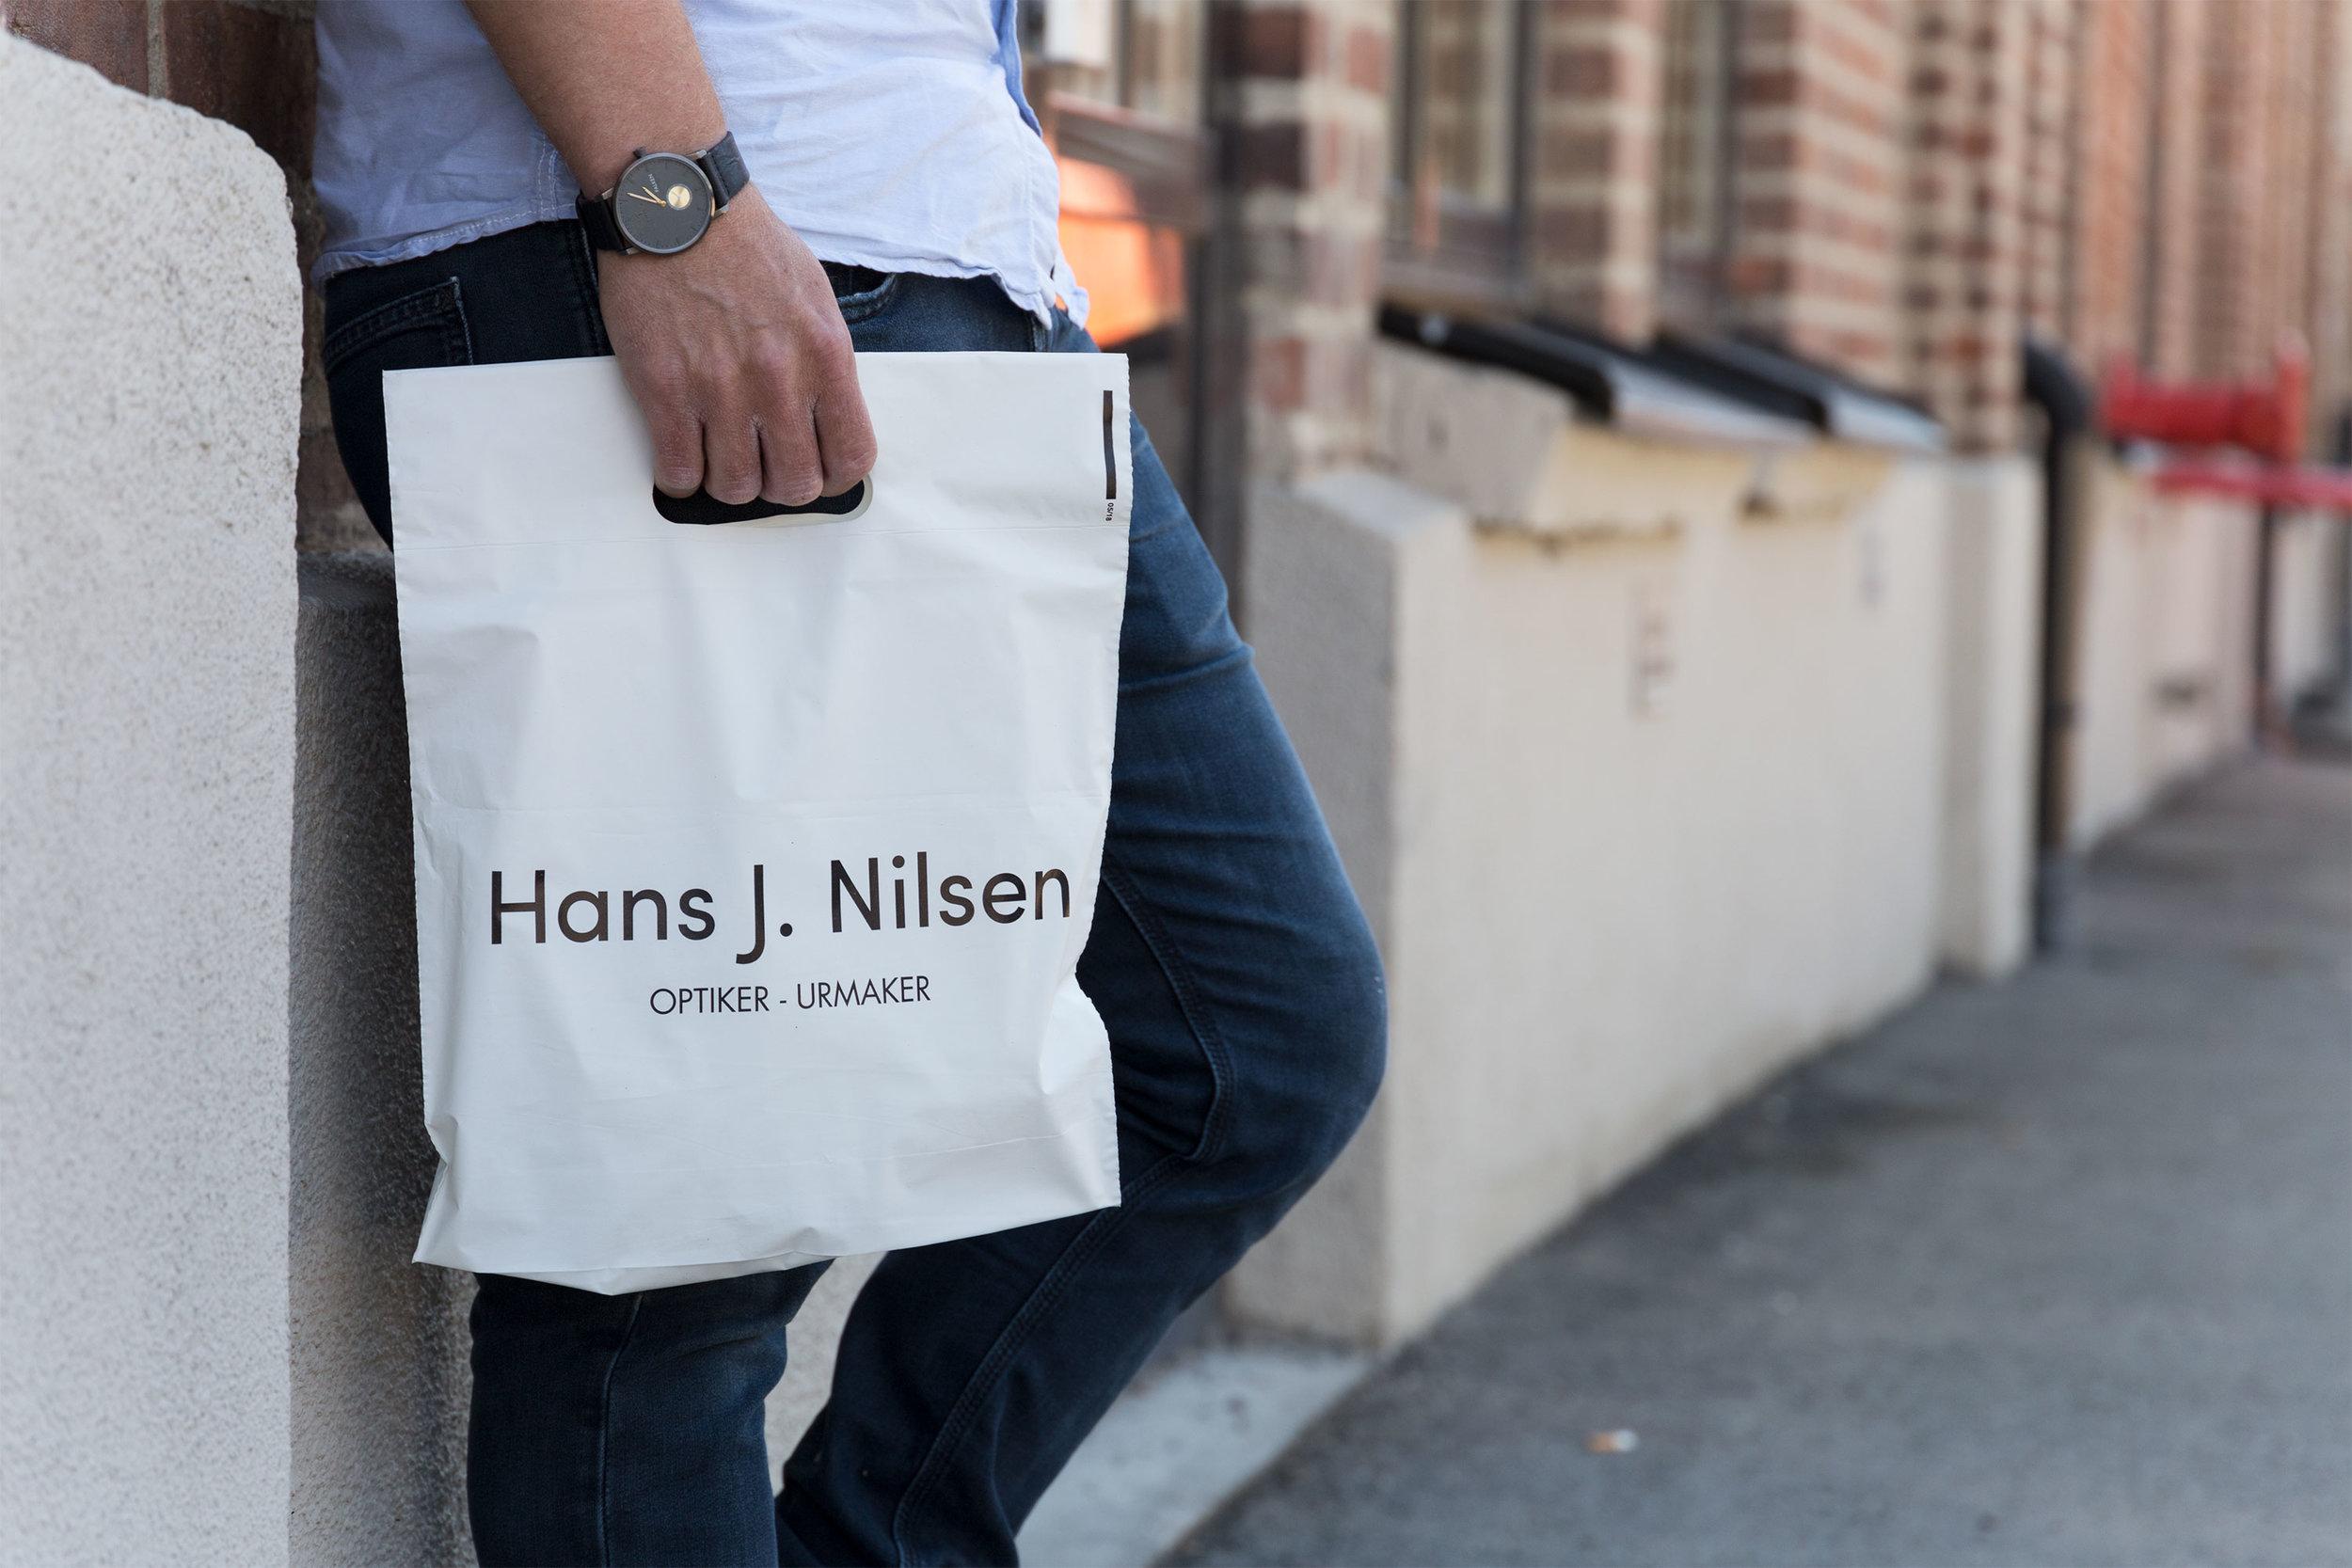 Optiker og urmaker  Hans J. Nilsen  har fått laget rene, minimalistiske og elegante poser – av gjenbruksplast.